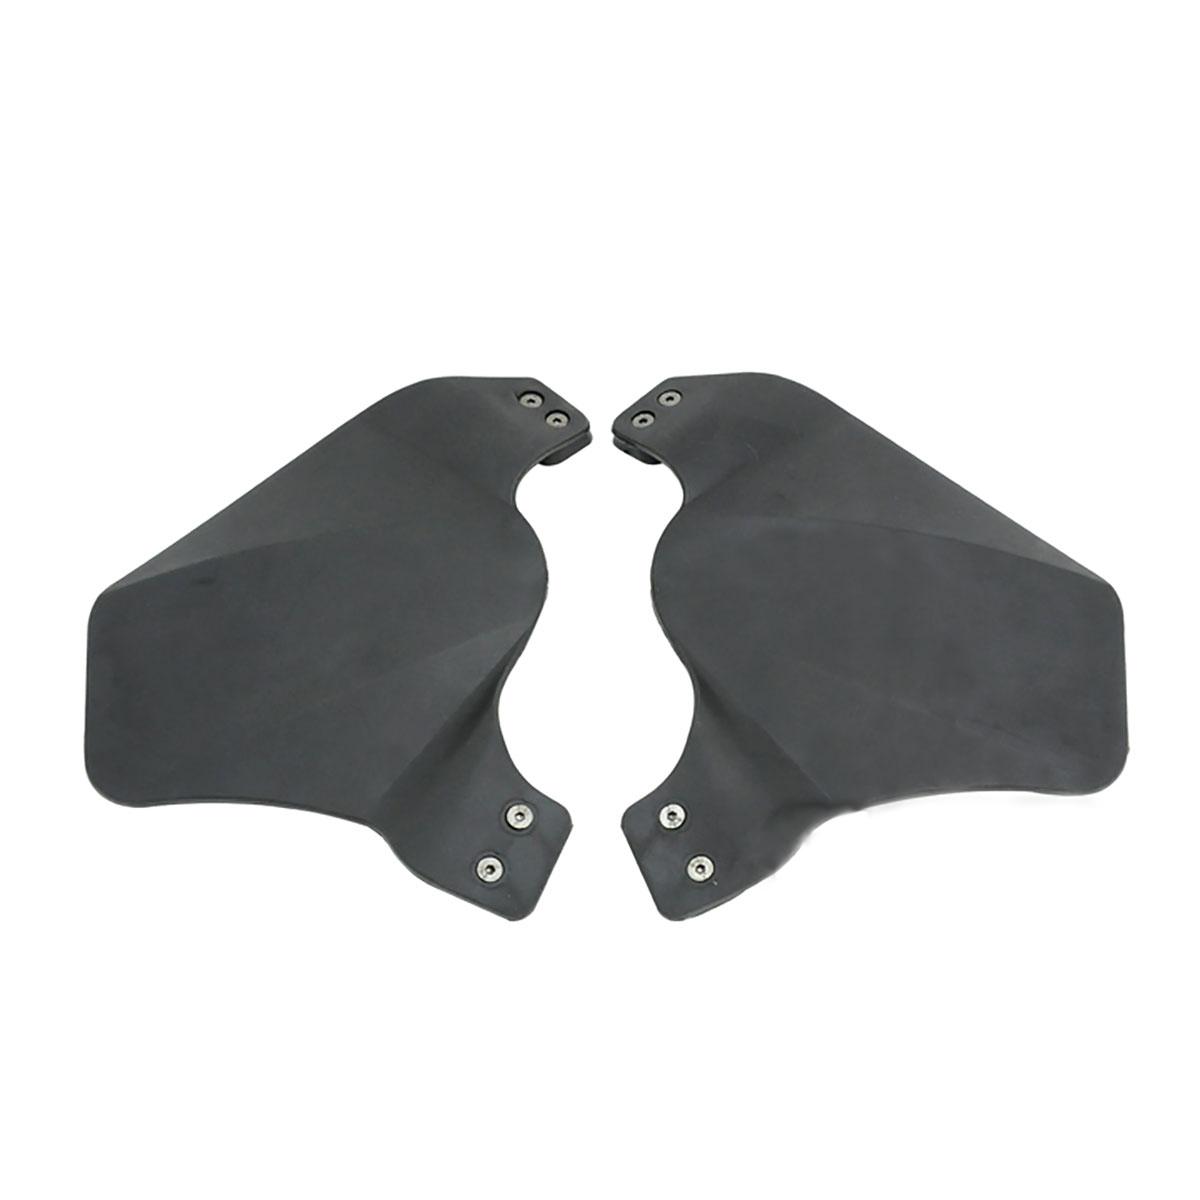 Protetor Lateral para Capacete - FMA TB295BK - Preto